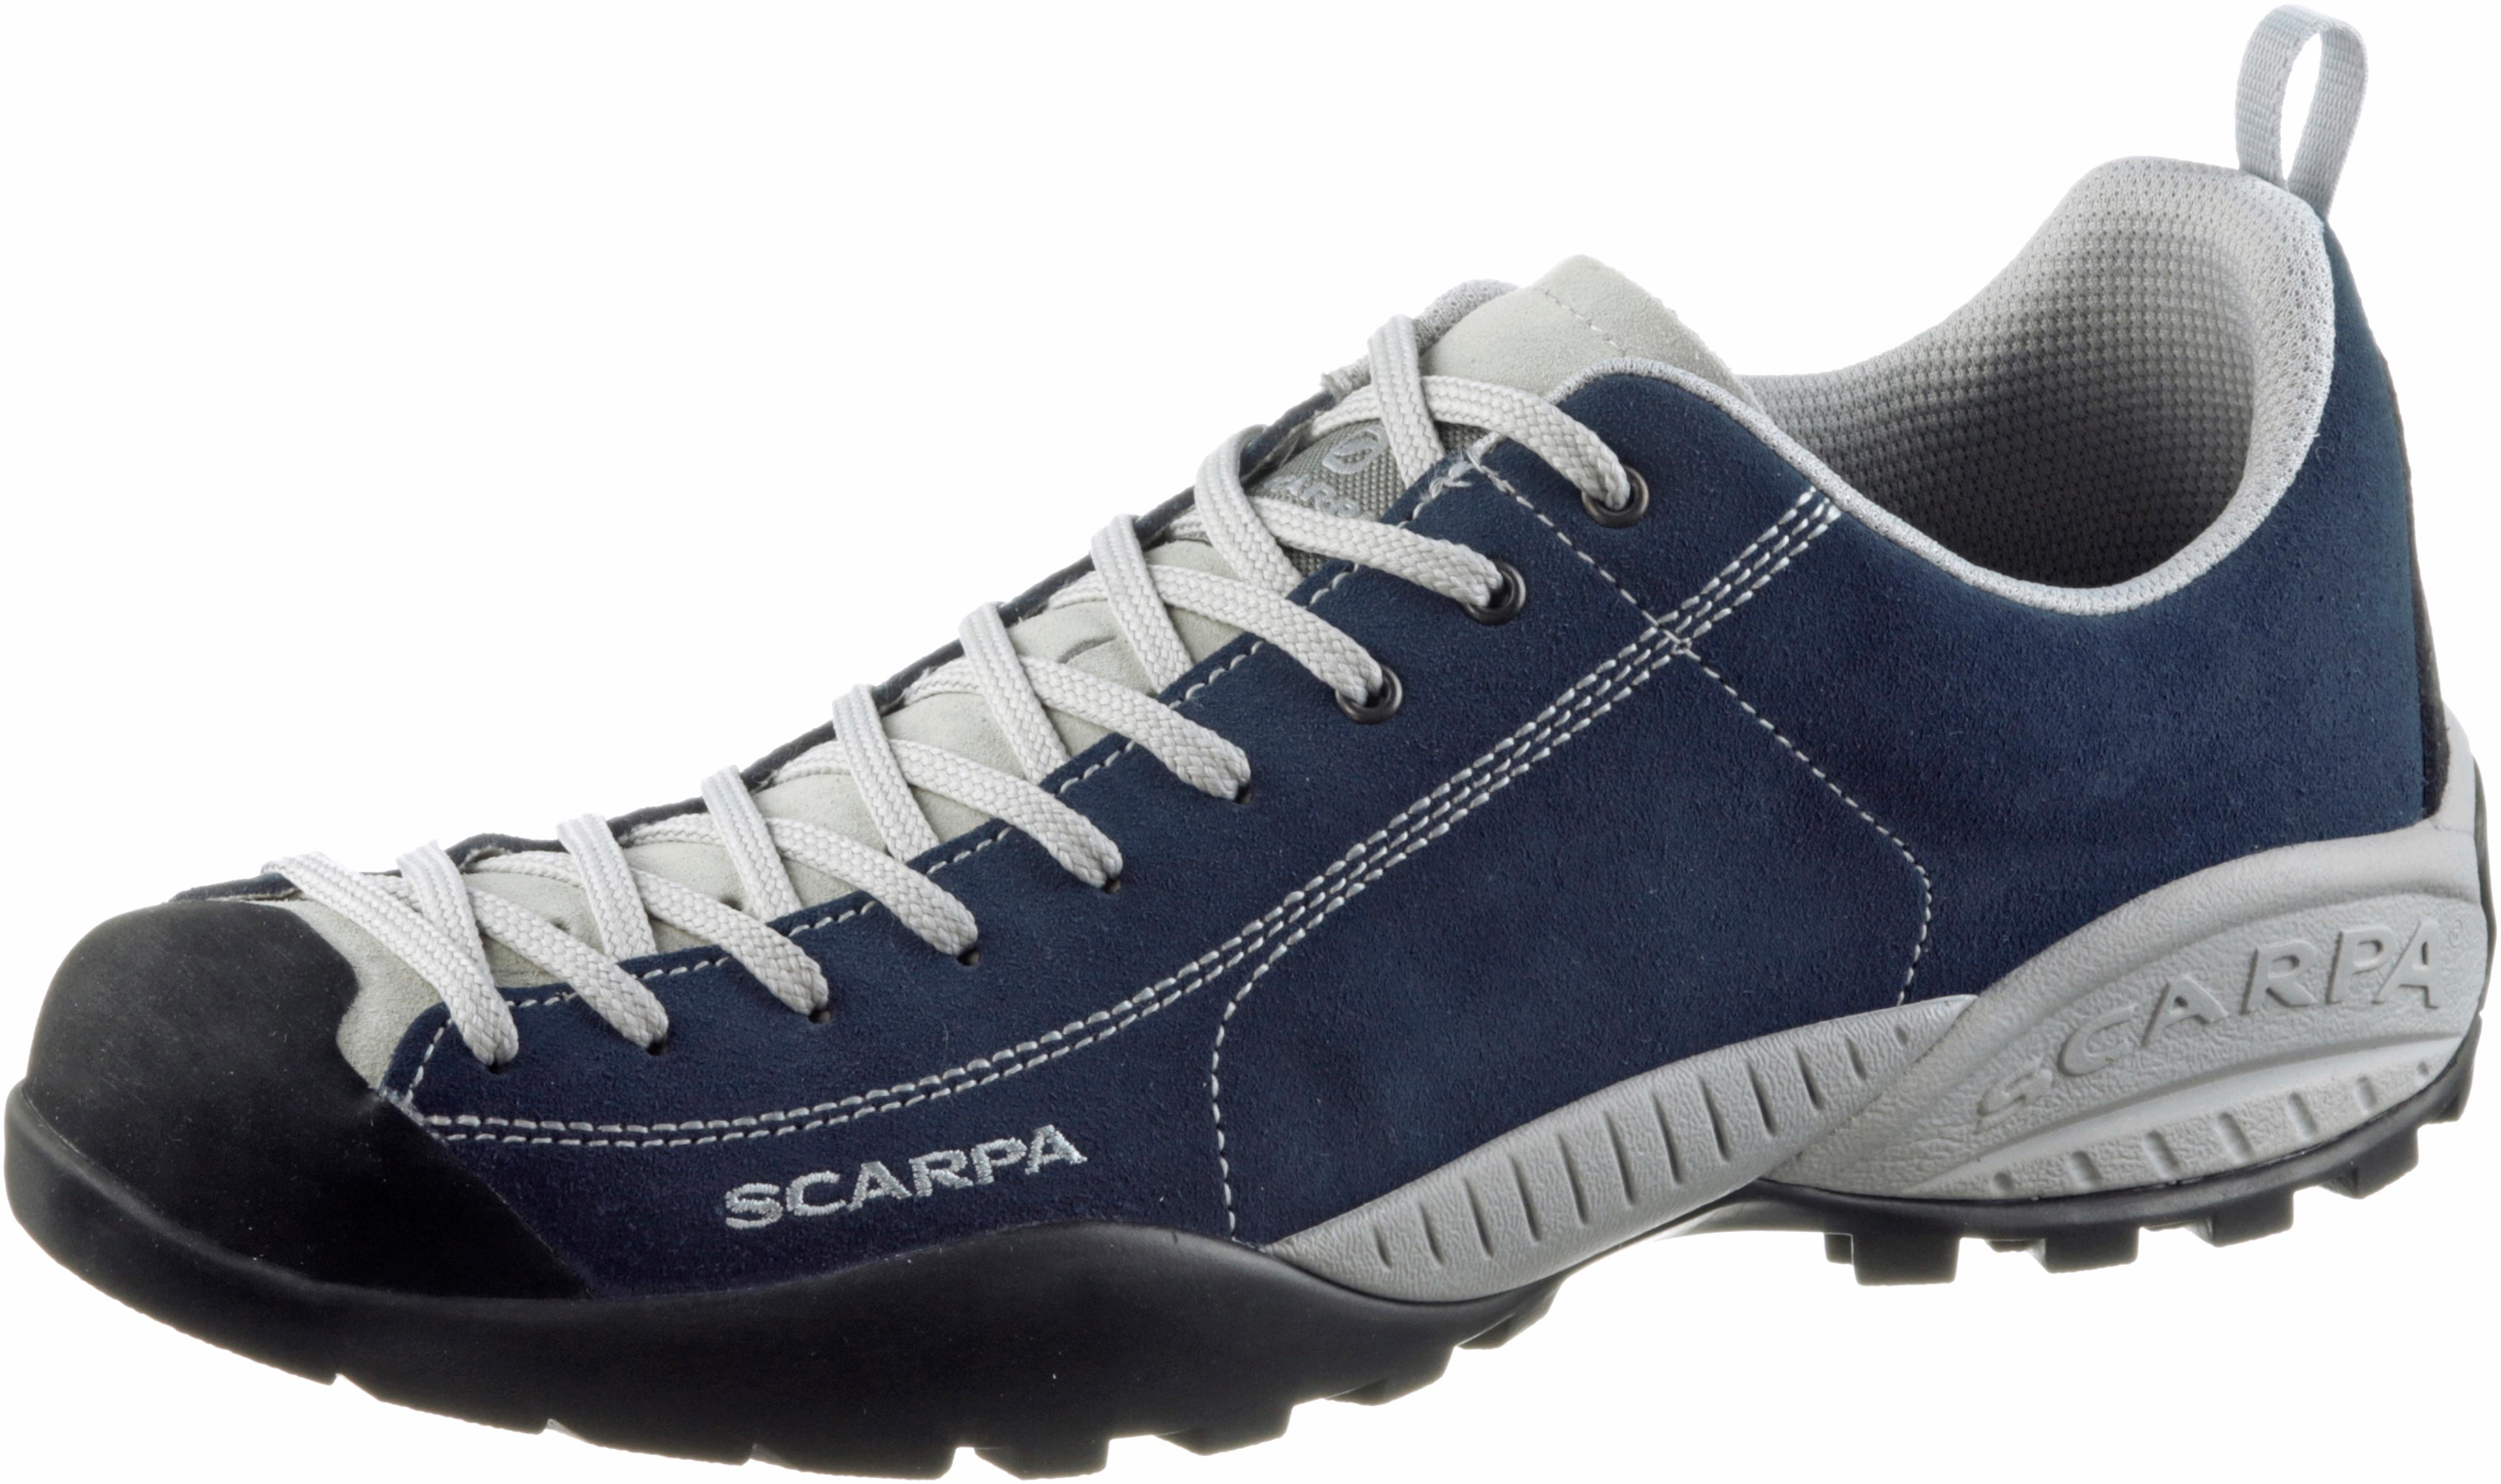 Scarpa Mojito Freizeitschuhe Herren dunkelblau im Online Shop von SportScheck kaufen Gute Qualität beliebte Schuhe